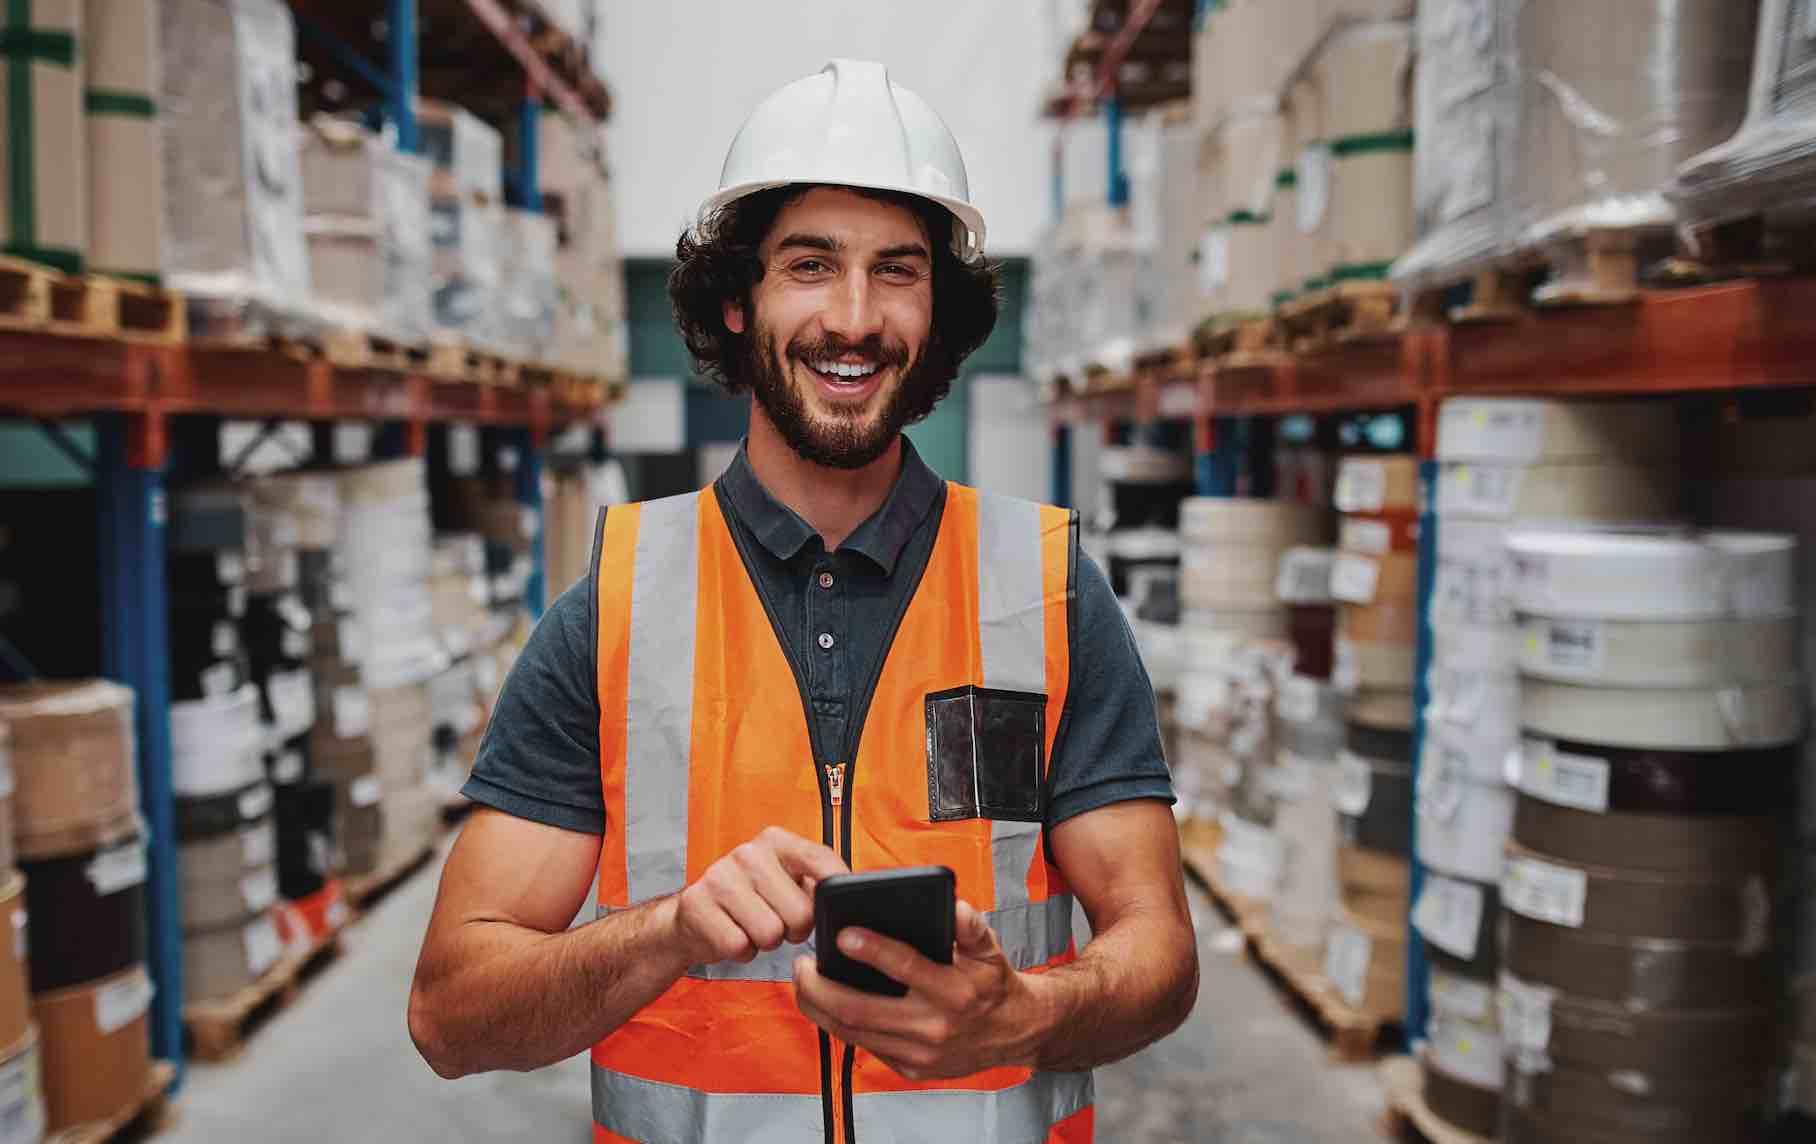 Mitarbeitermotivation steigern - die erfolgreichsten Tipps & Maßnahmen